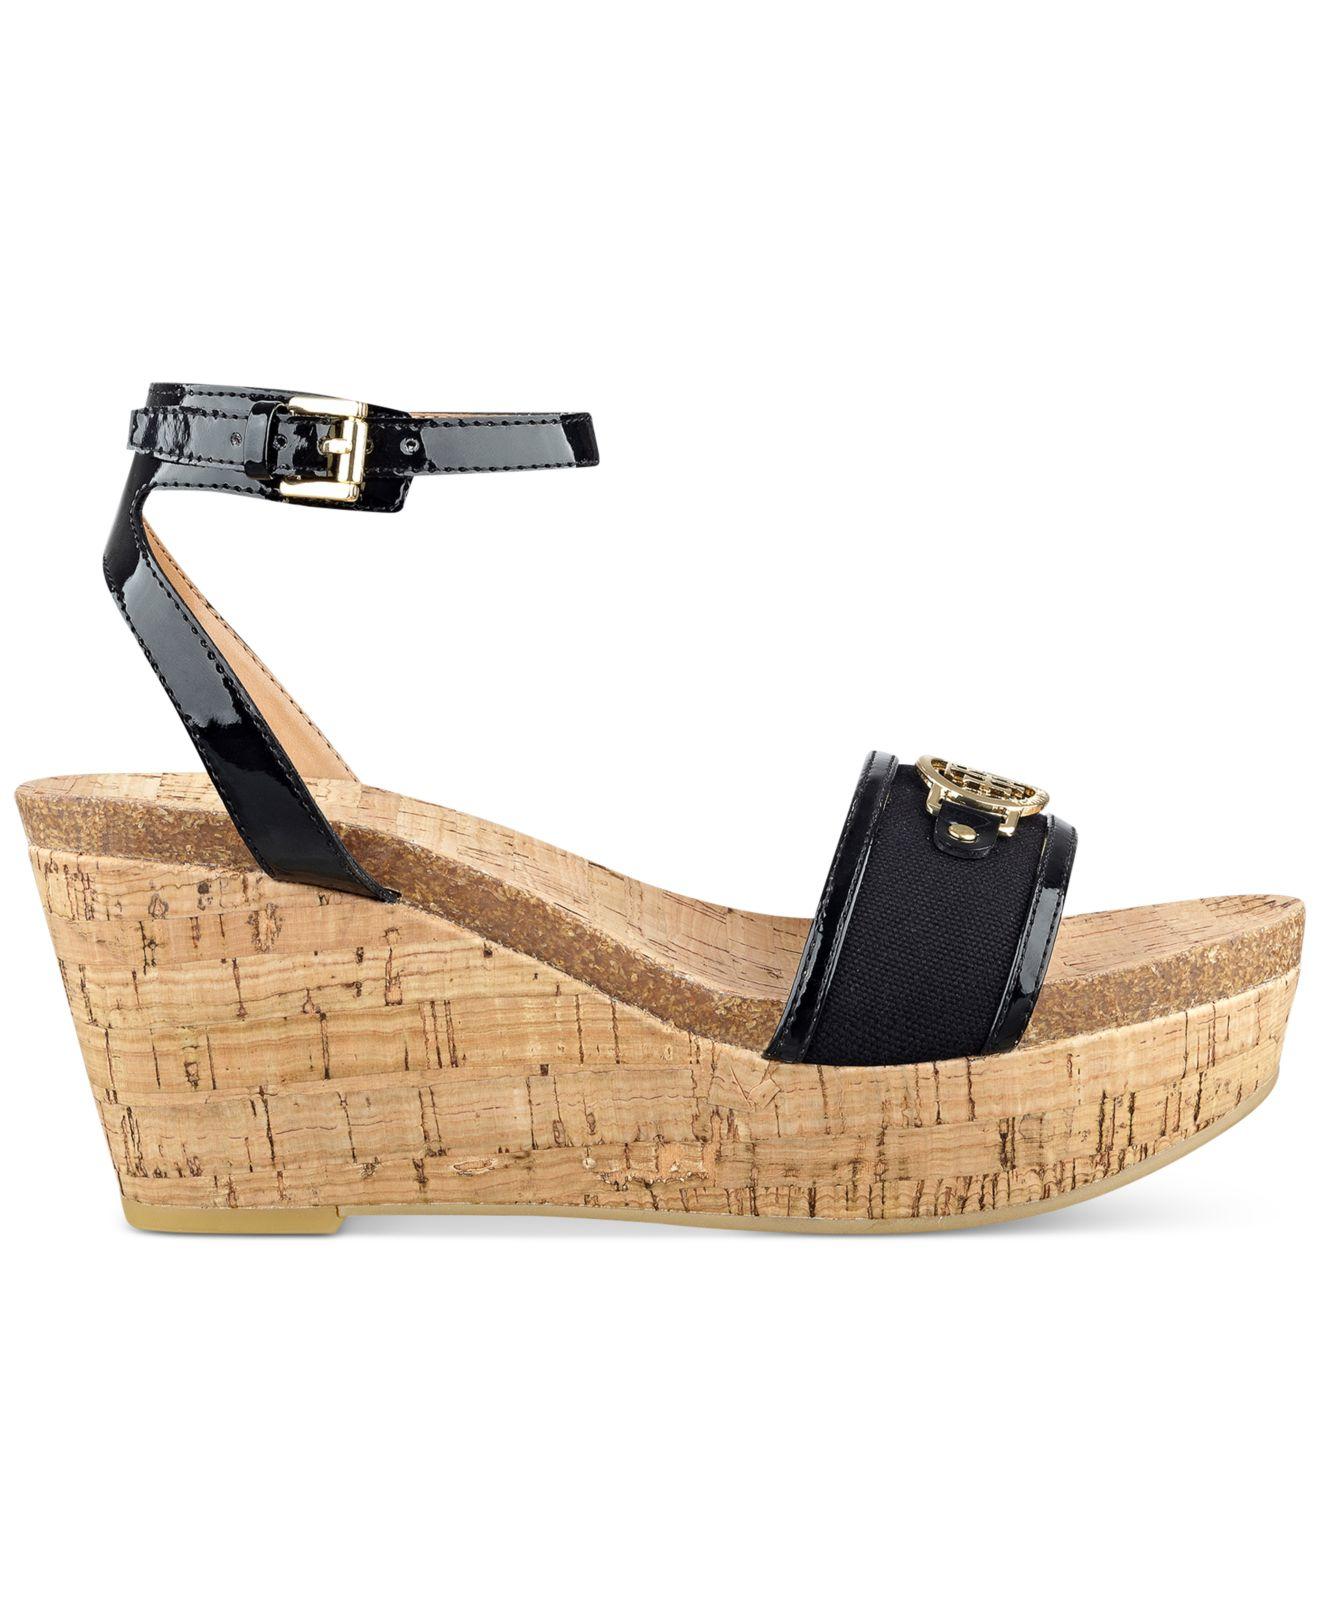 922776449f54ff Lyst - Tommy Hilfiger Hesley Platform Wedge Sandals in Black